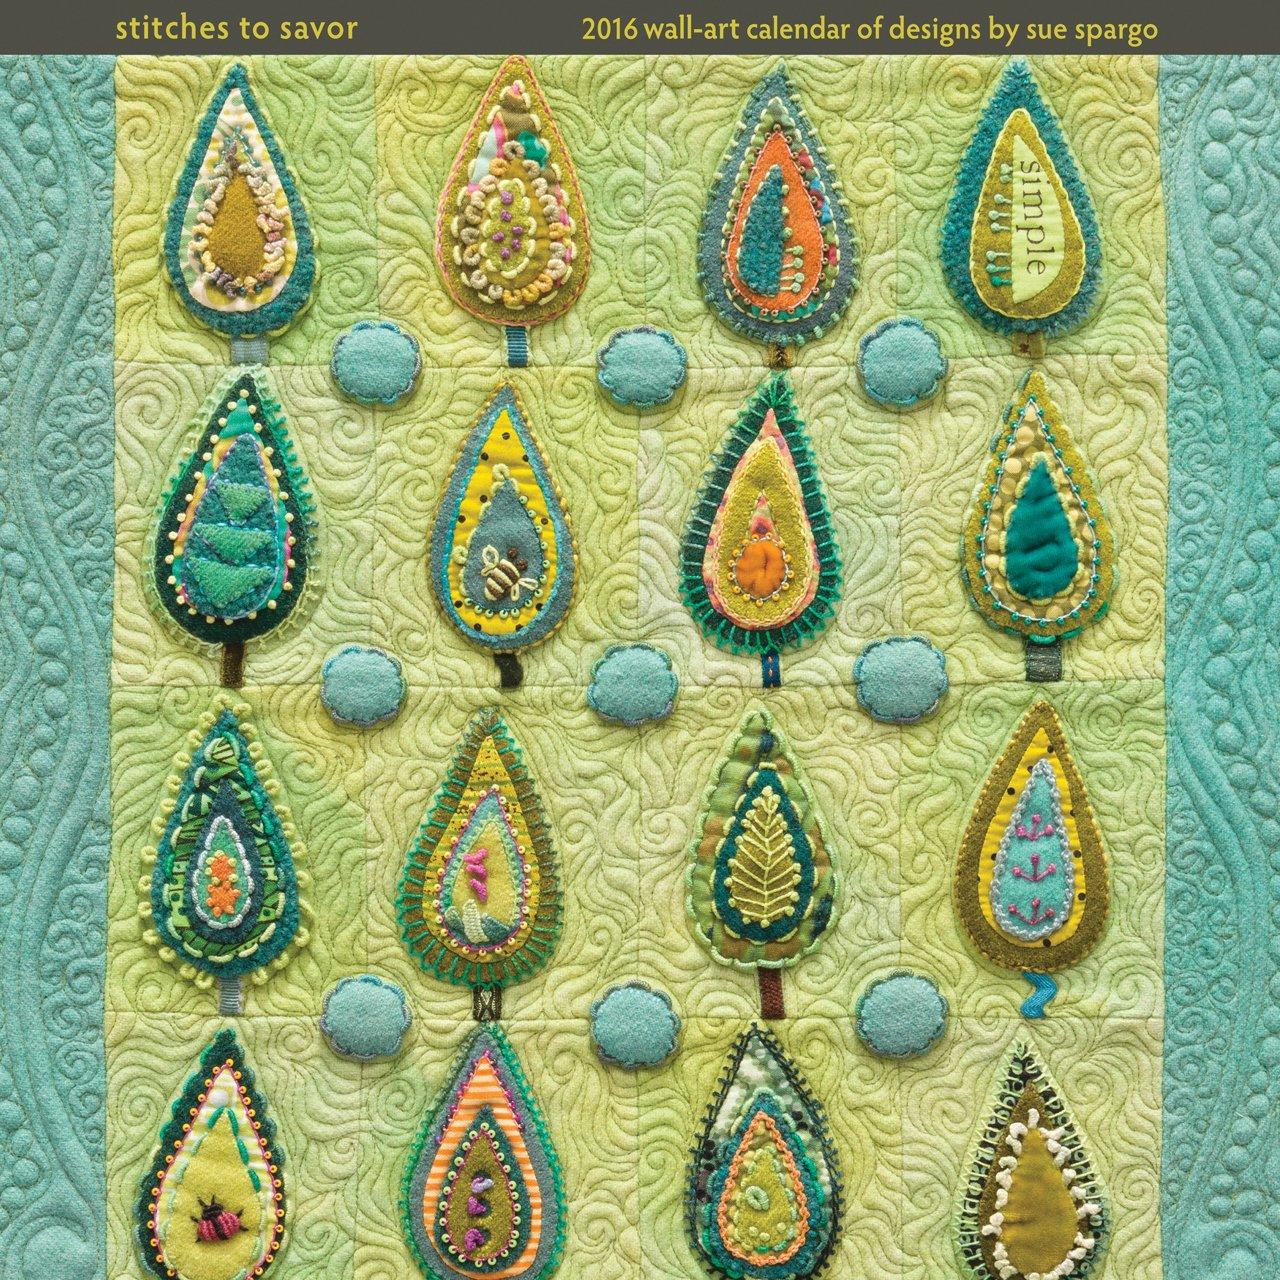 Stitches to Savor: 2016 Wall-Art Calendar of Designs by Sue Spargo ...